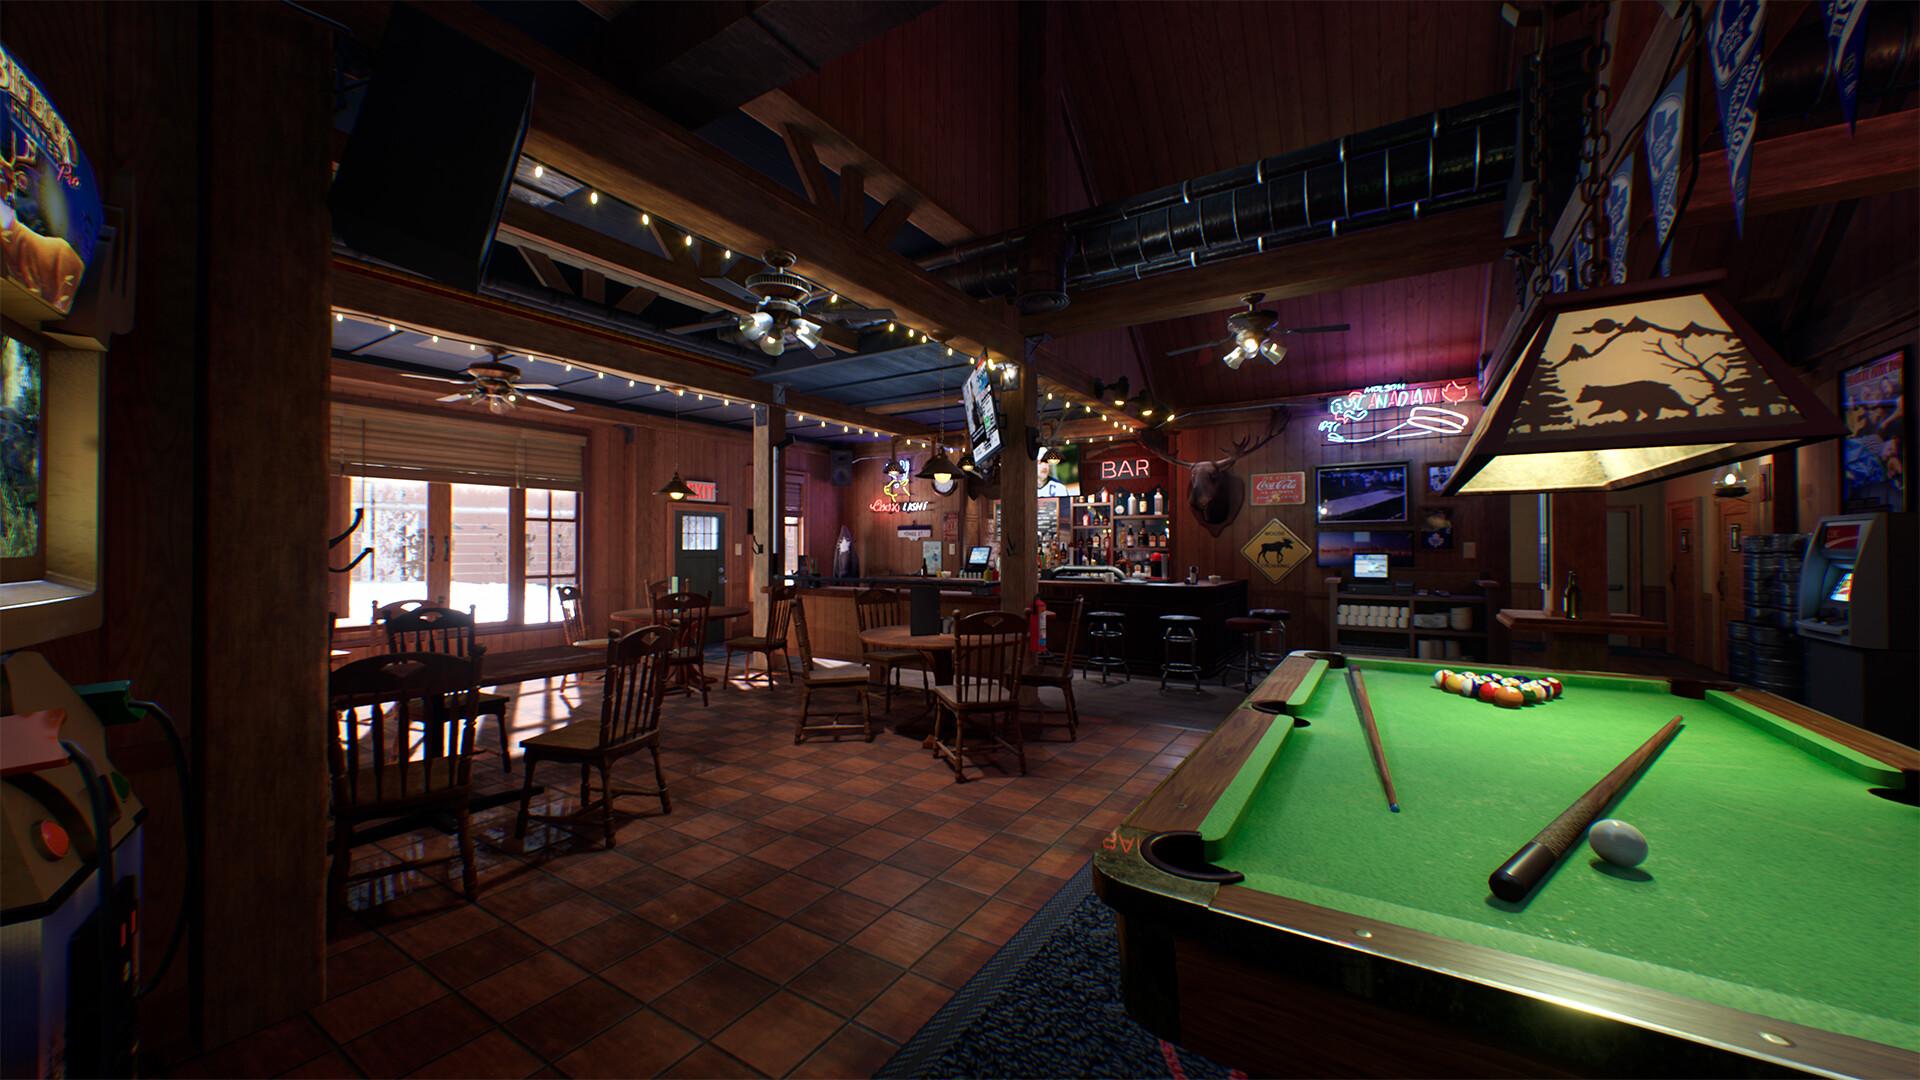 Nick's Bar and Grill - Nick Dobrijevic